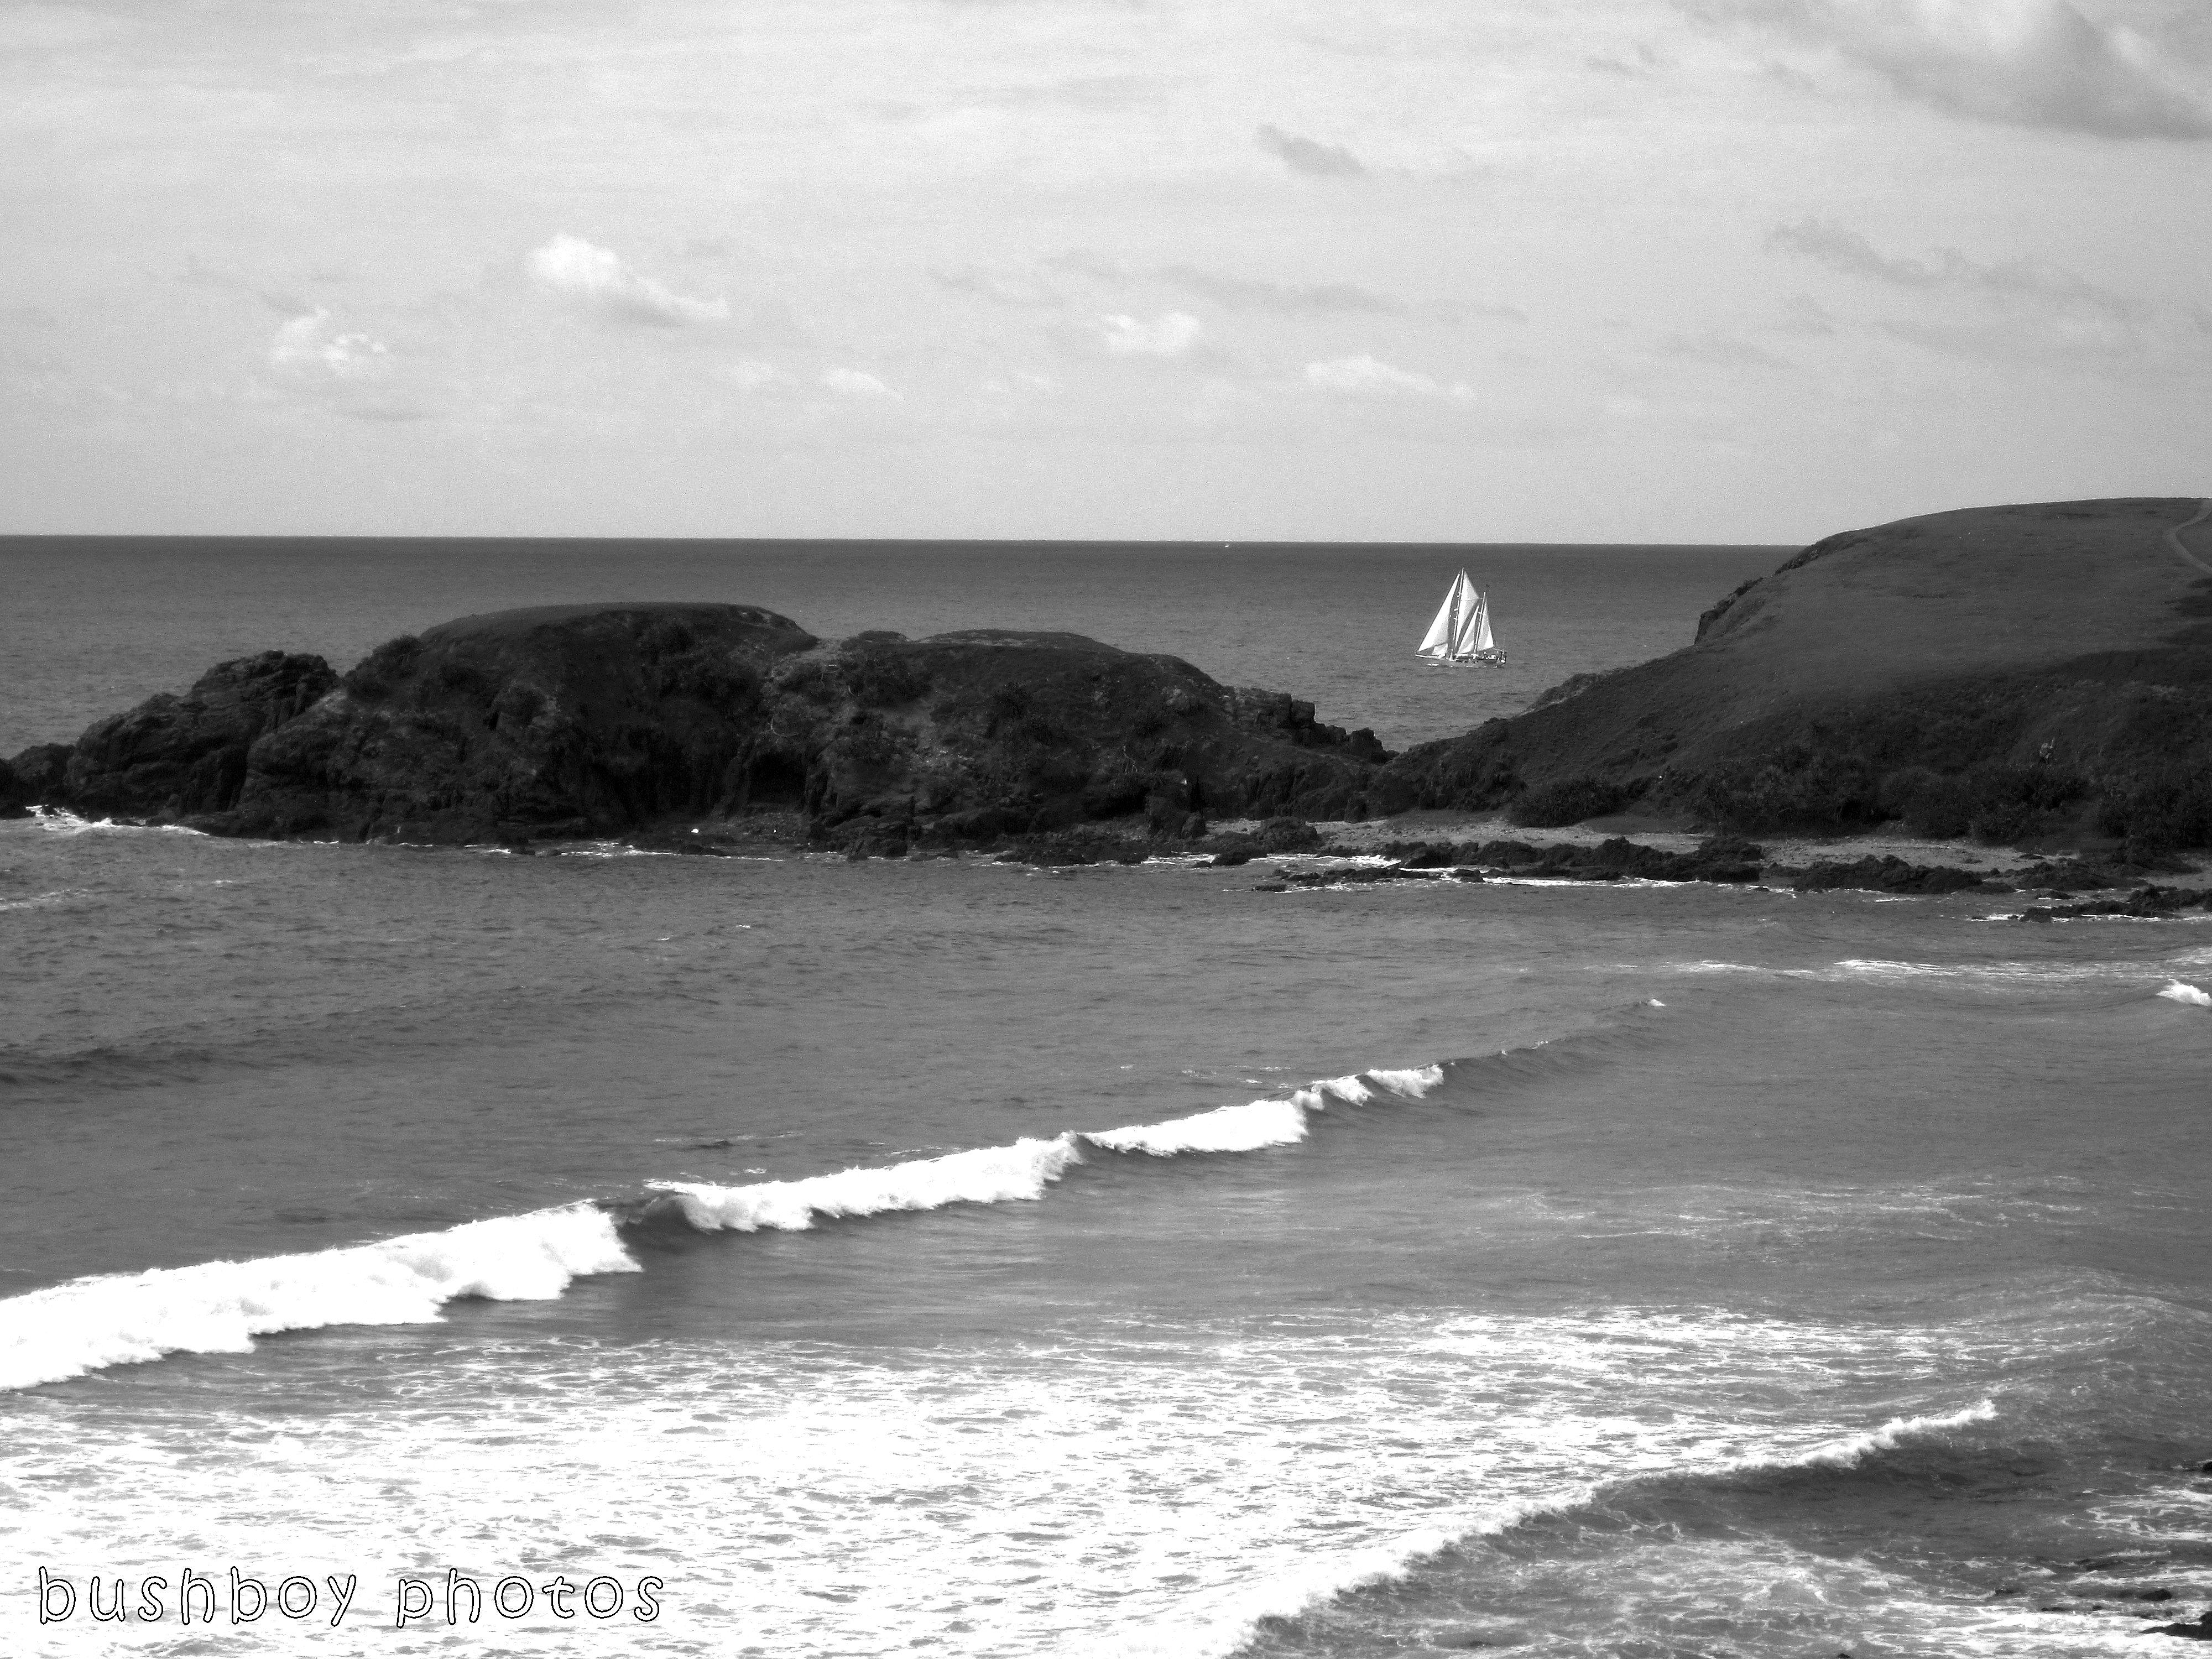 171230_blog challenge_blackandwhite_water_yacht